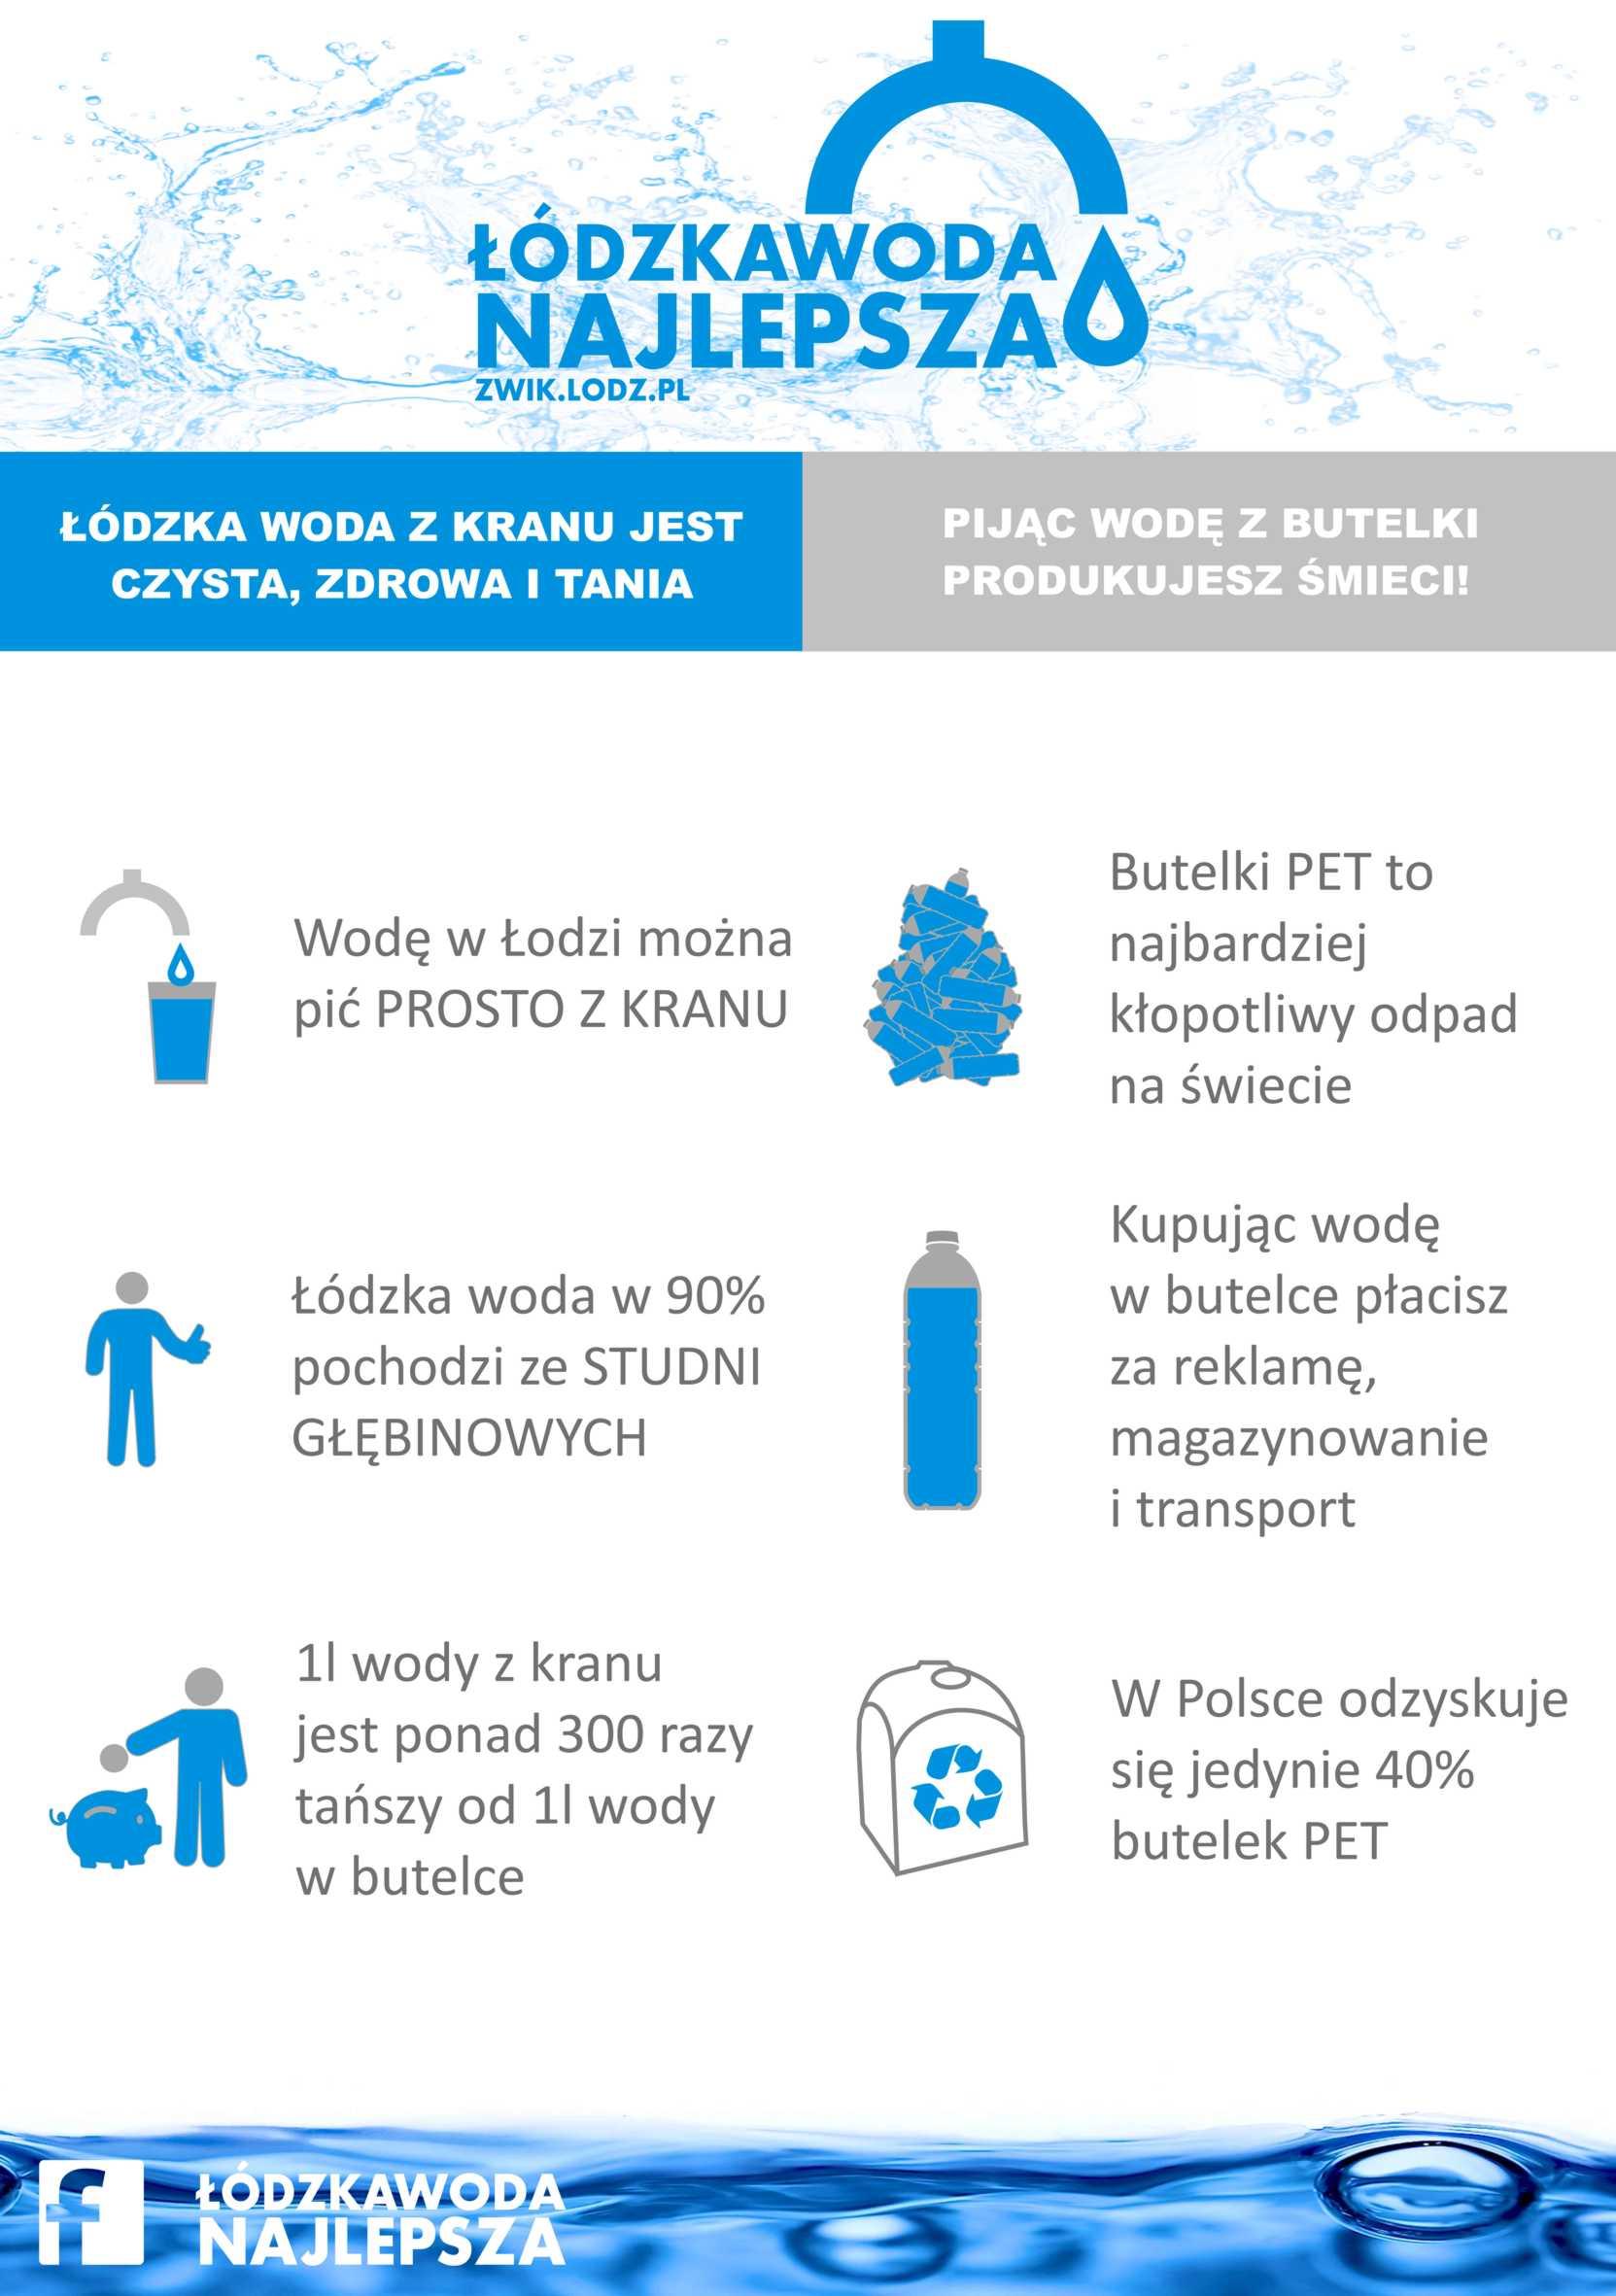 Ulotka o zaletach picia Łódzkiej Wody Najlepszej